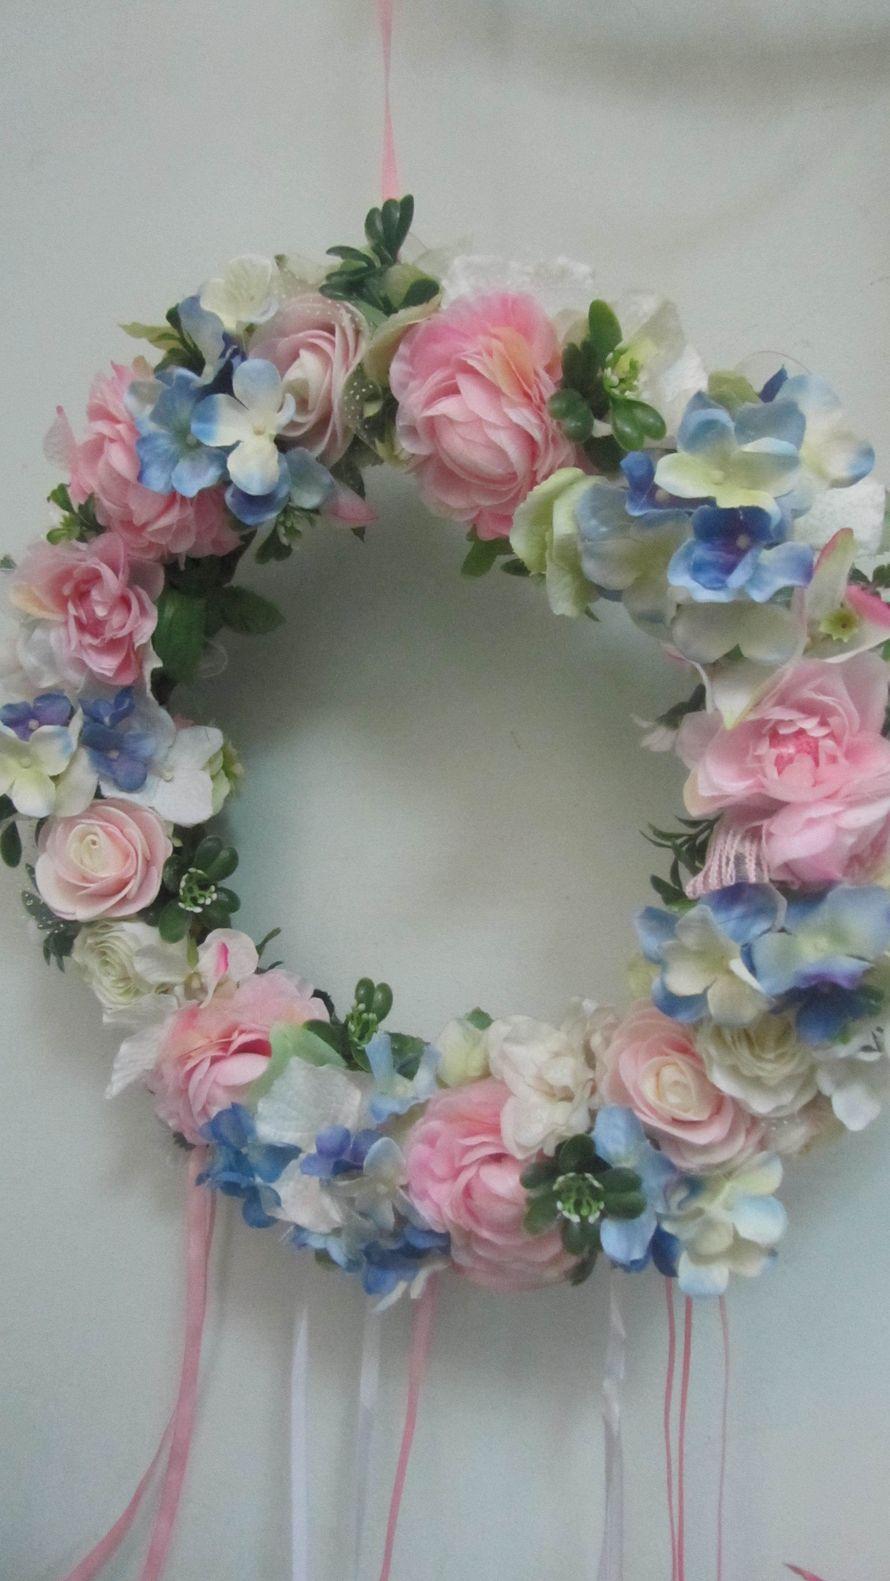 Фото 11440544 в коллекции Портфолио - Оформления свадьбы Флора дизайн